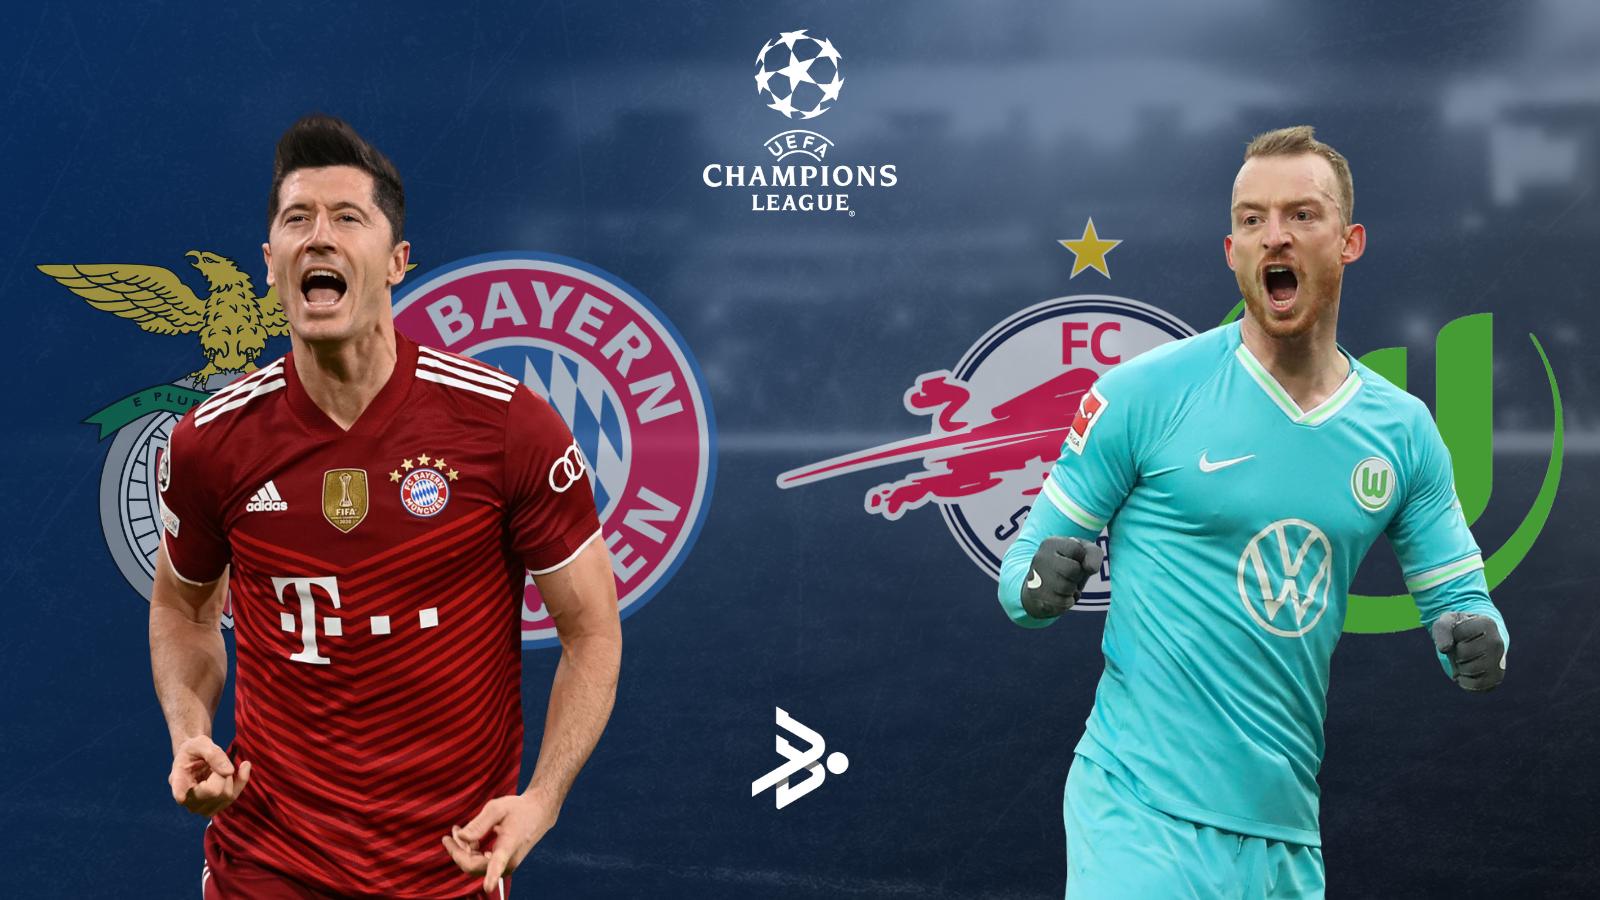 Bayern y Wolfsburg, los representantes de la Bundesliga en Champions este miércoles.